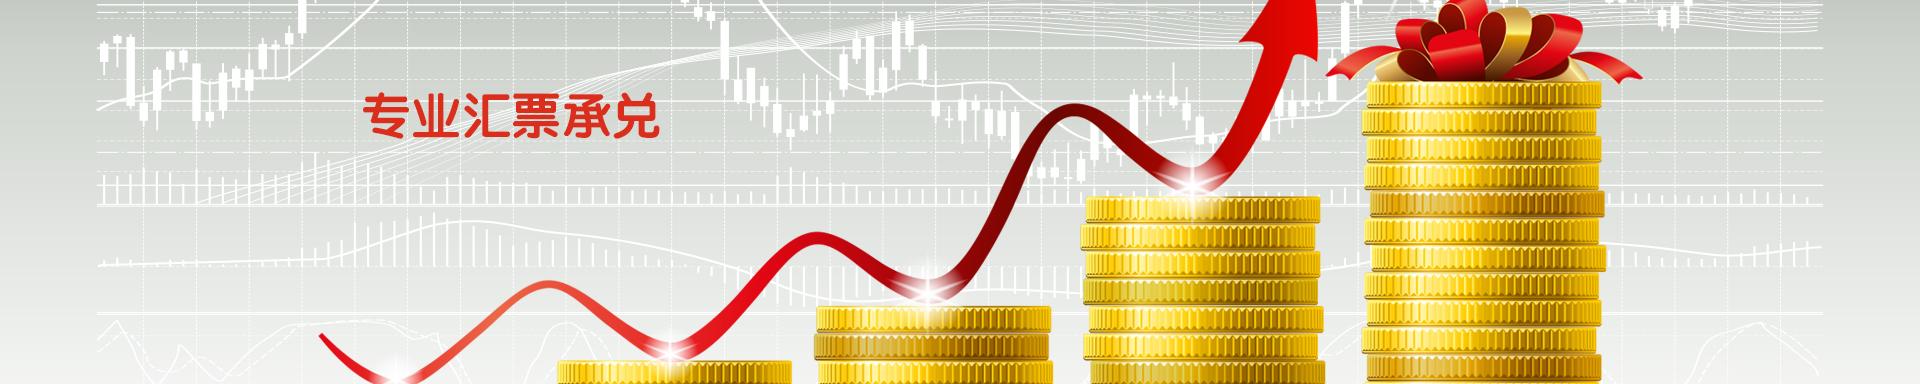 苏州森克财务管理有限公司